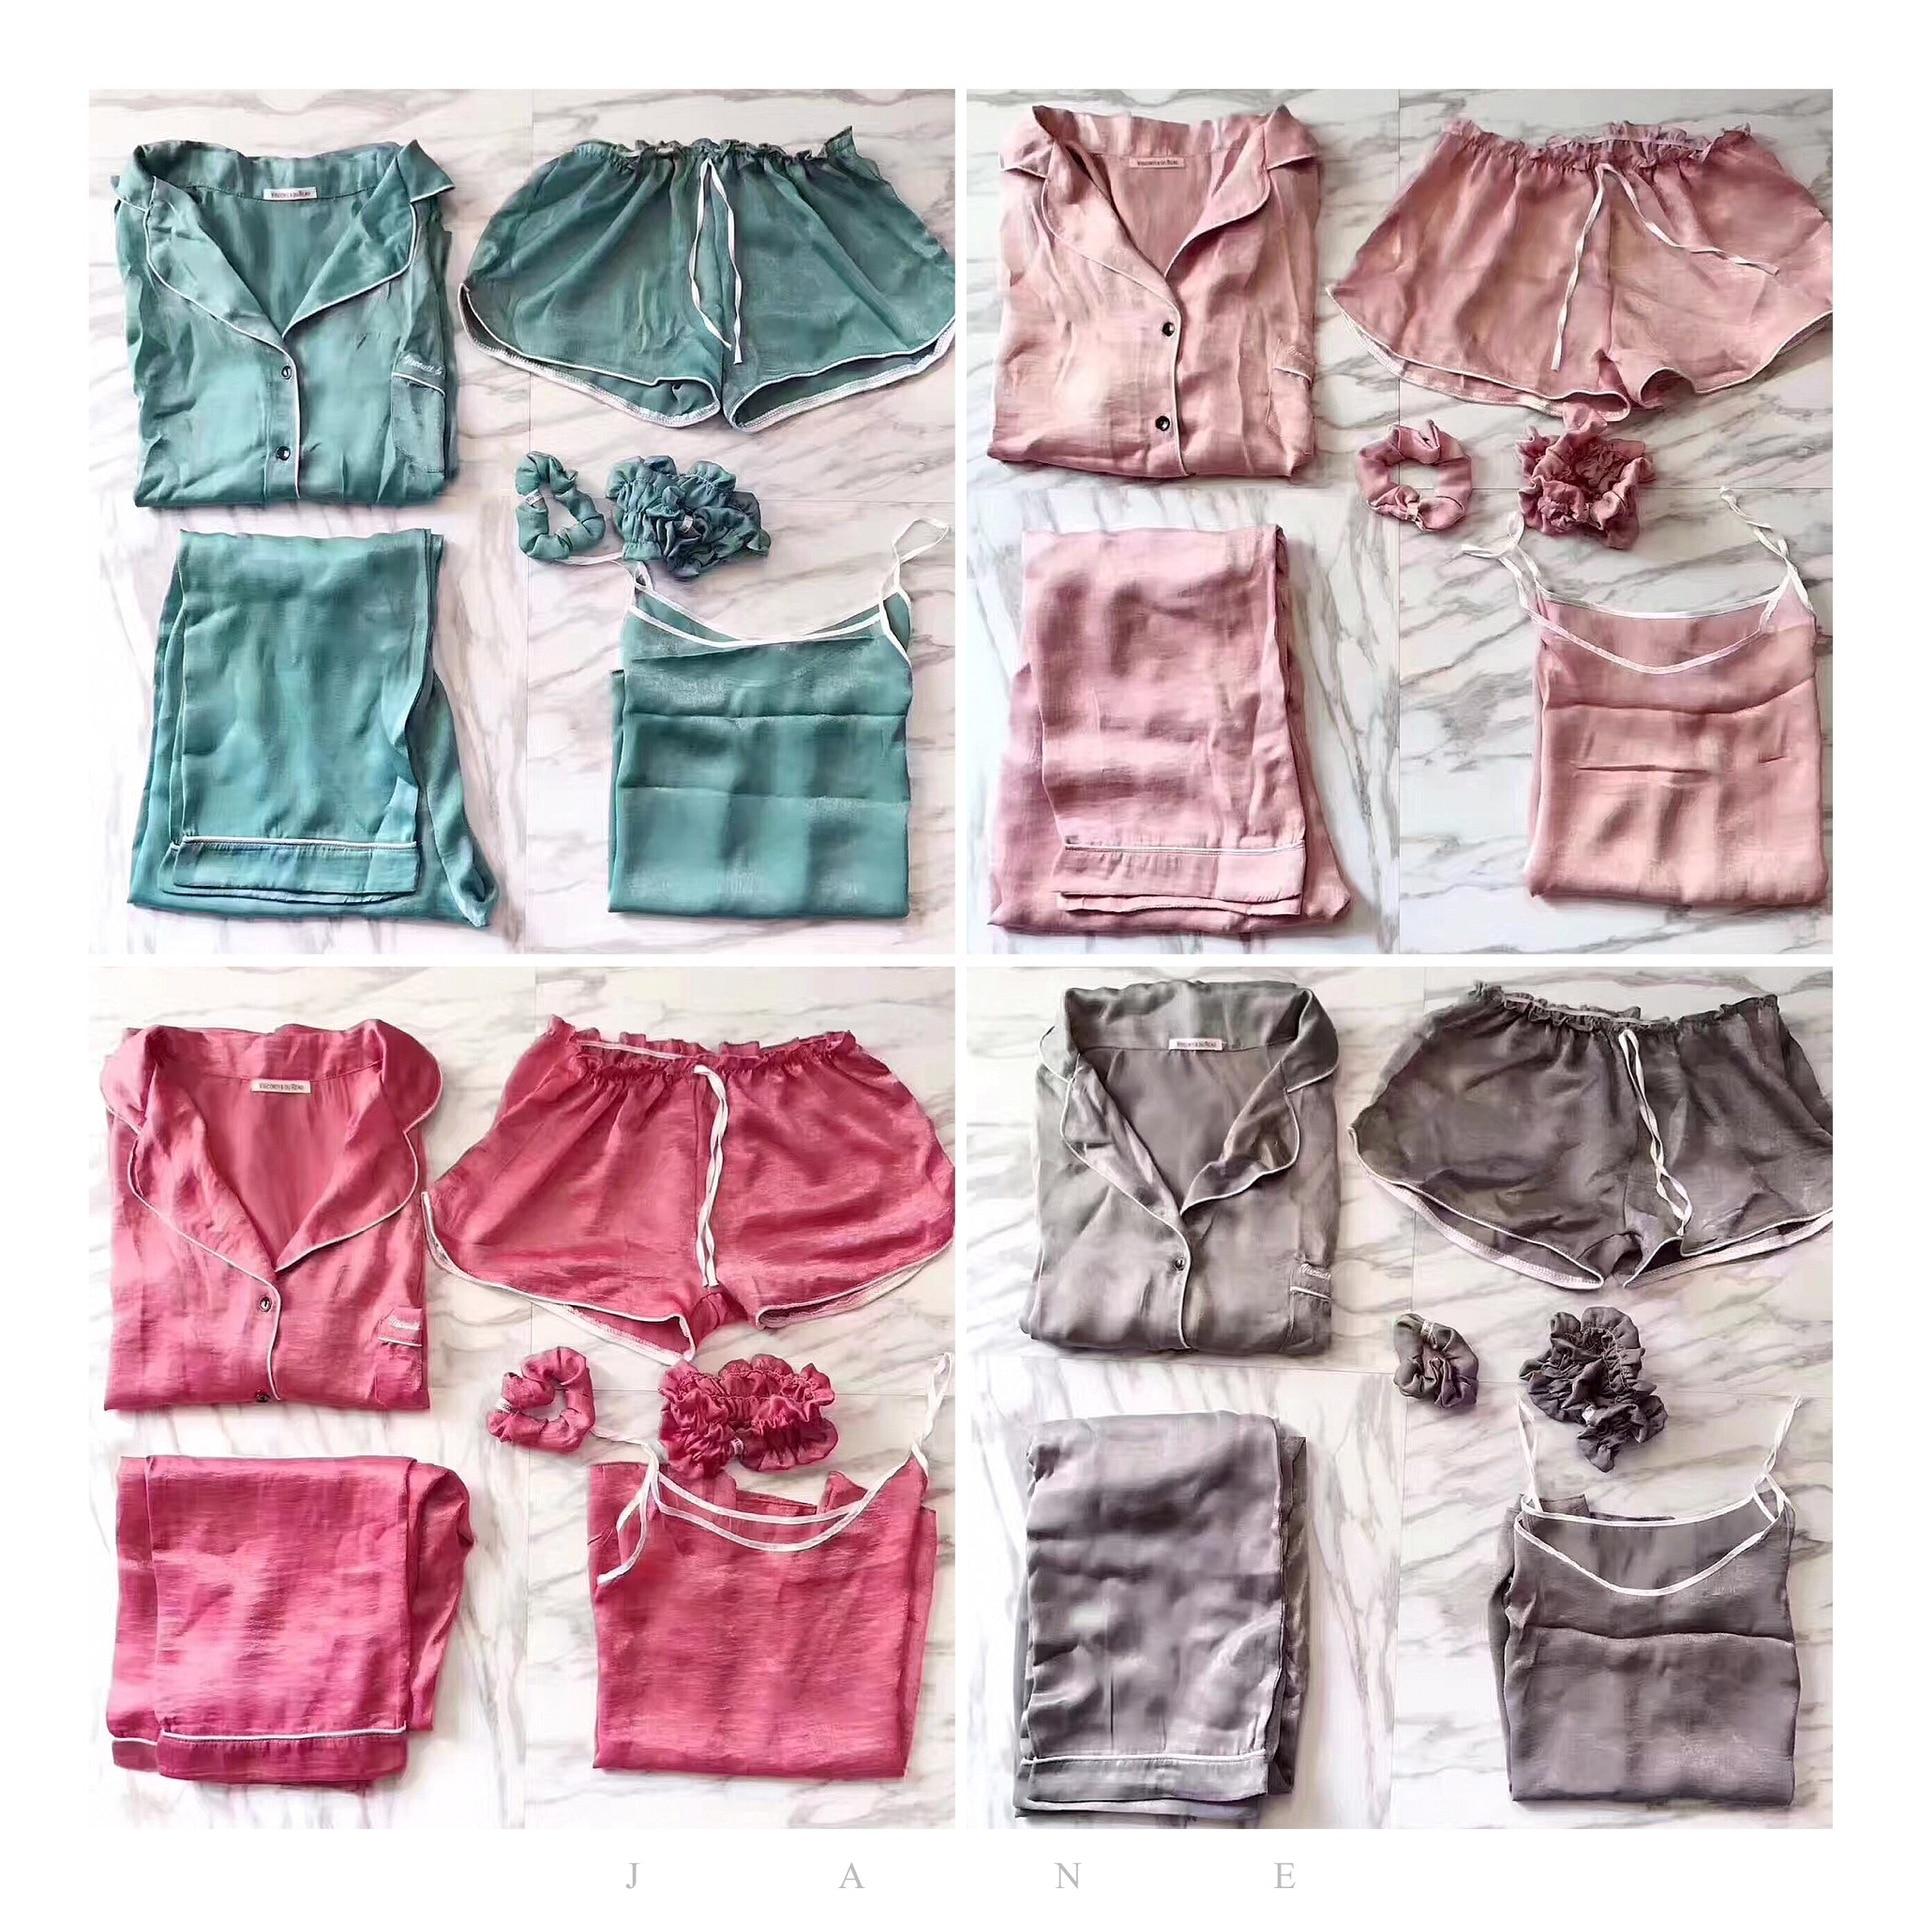 HaoMengFen filles pyjamas sept pièces soie femme été cardigan service à la maison deux pièces mignon pyjamas 7 pièces